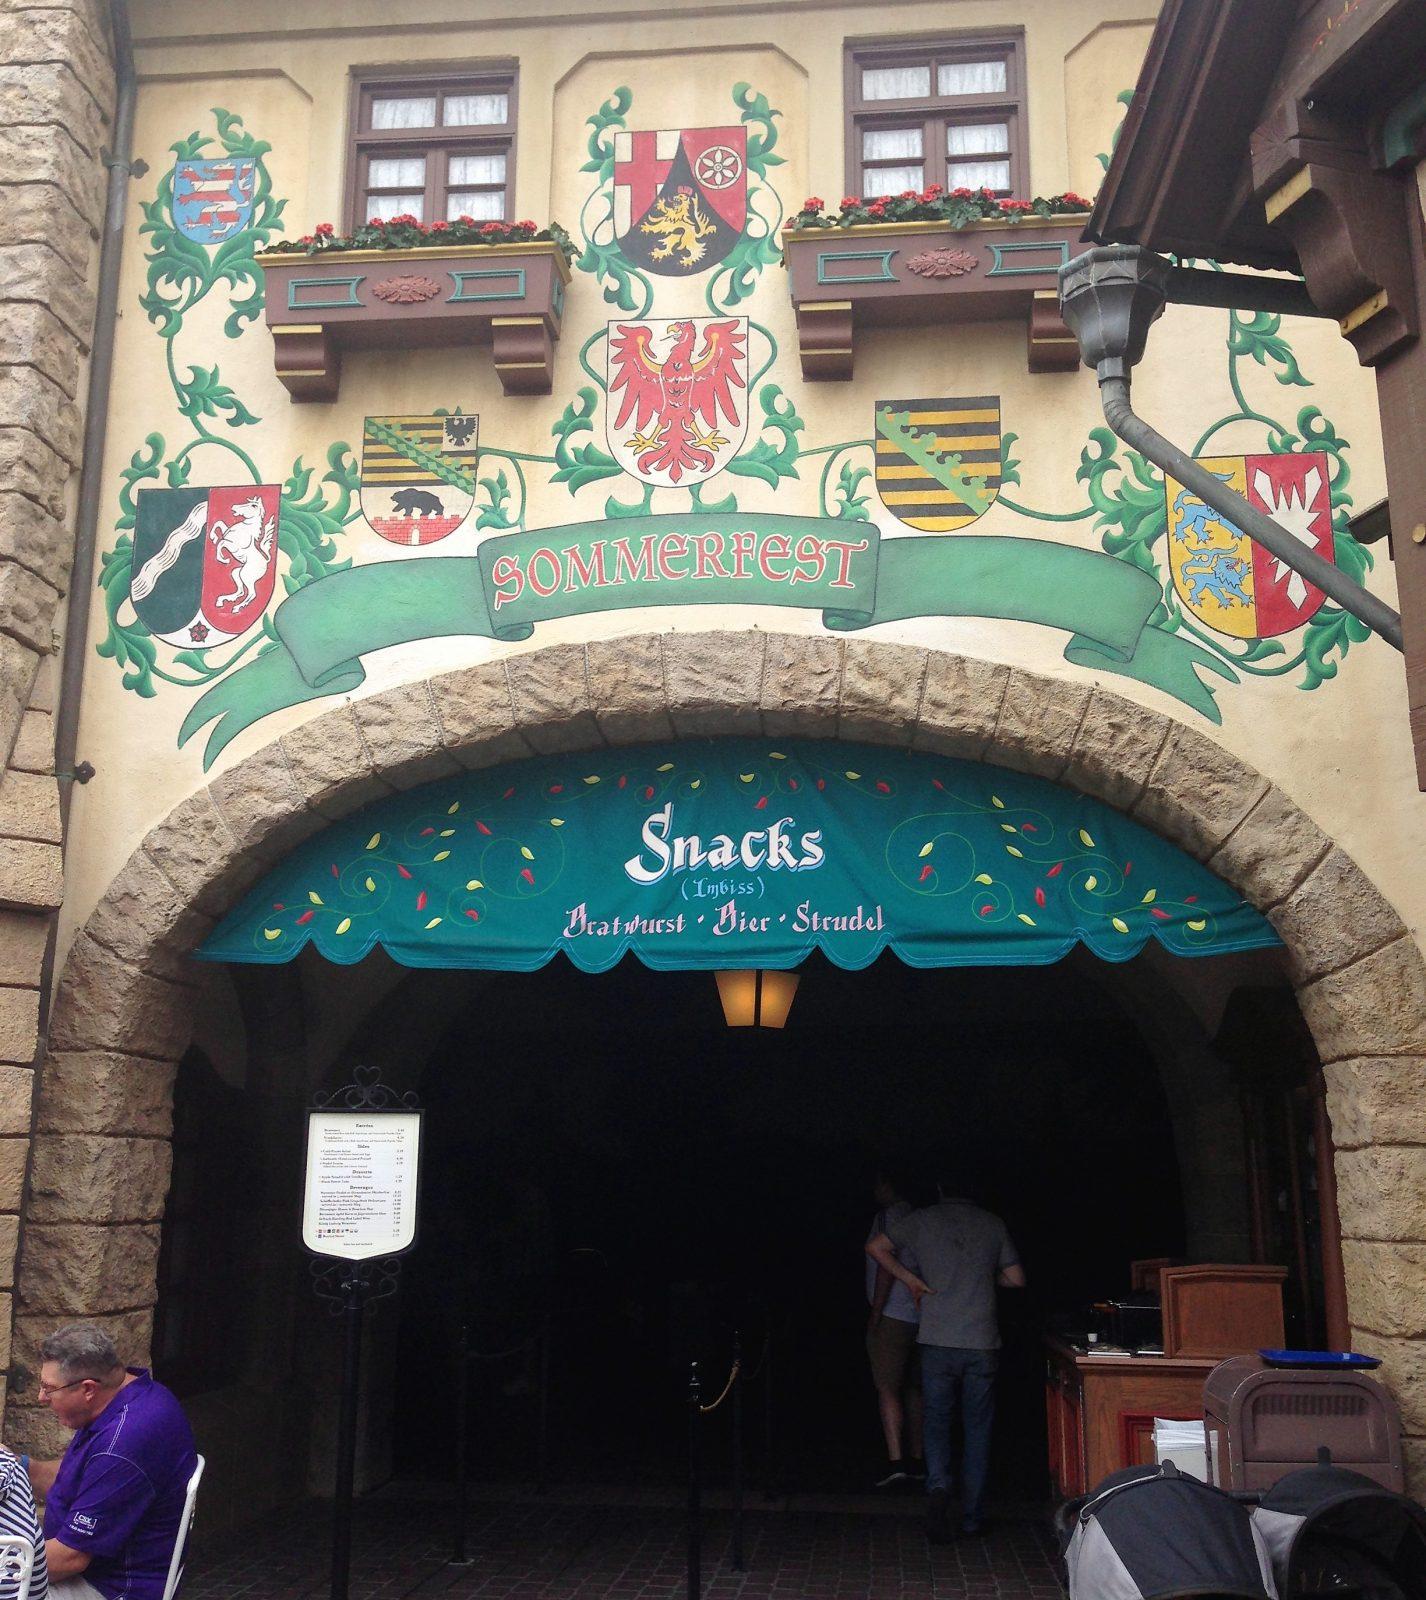 best quick service epcot - sommerfest entrance